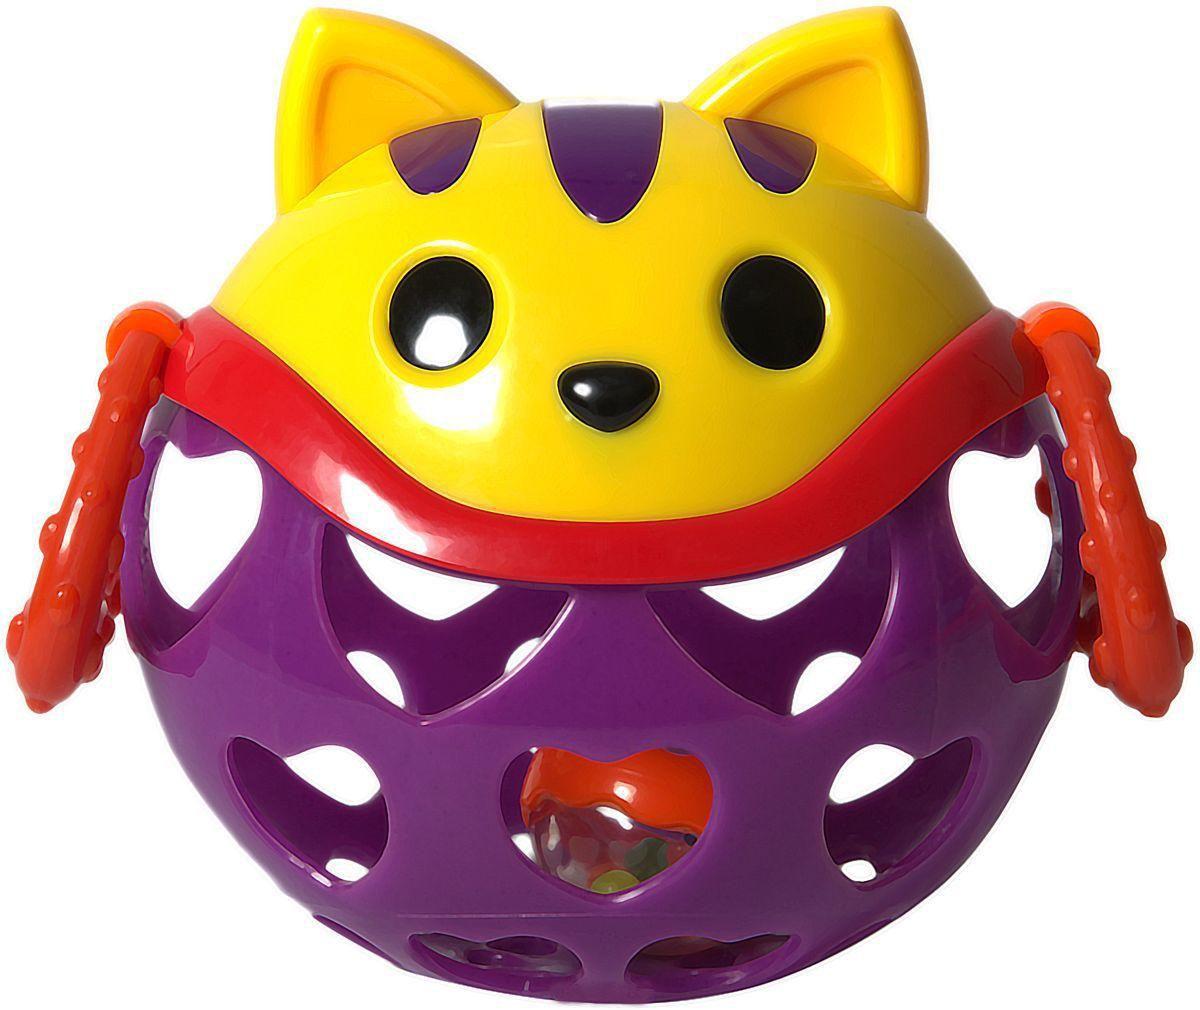 Игрушка-неразбивайка КошкаДетские погремушки и подвесные игрушки на кроватку<br>Игрушка-неразбивайка Кошка<br>